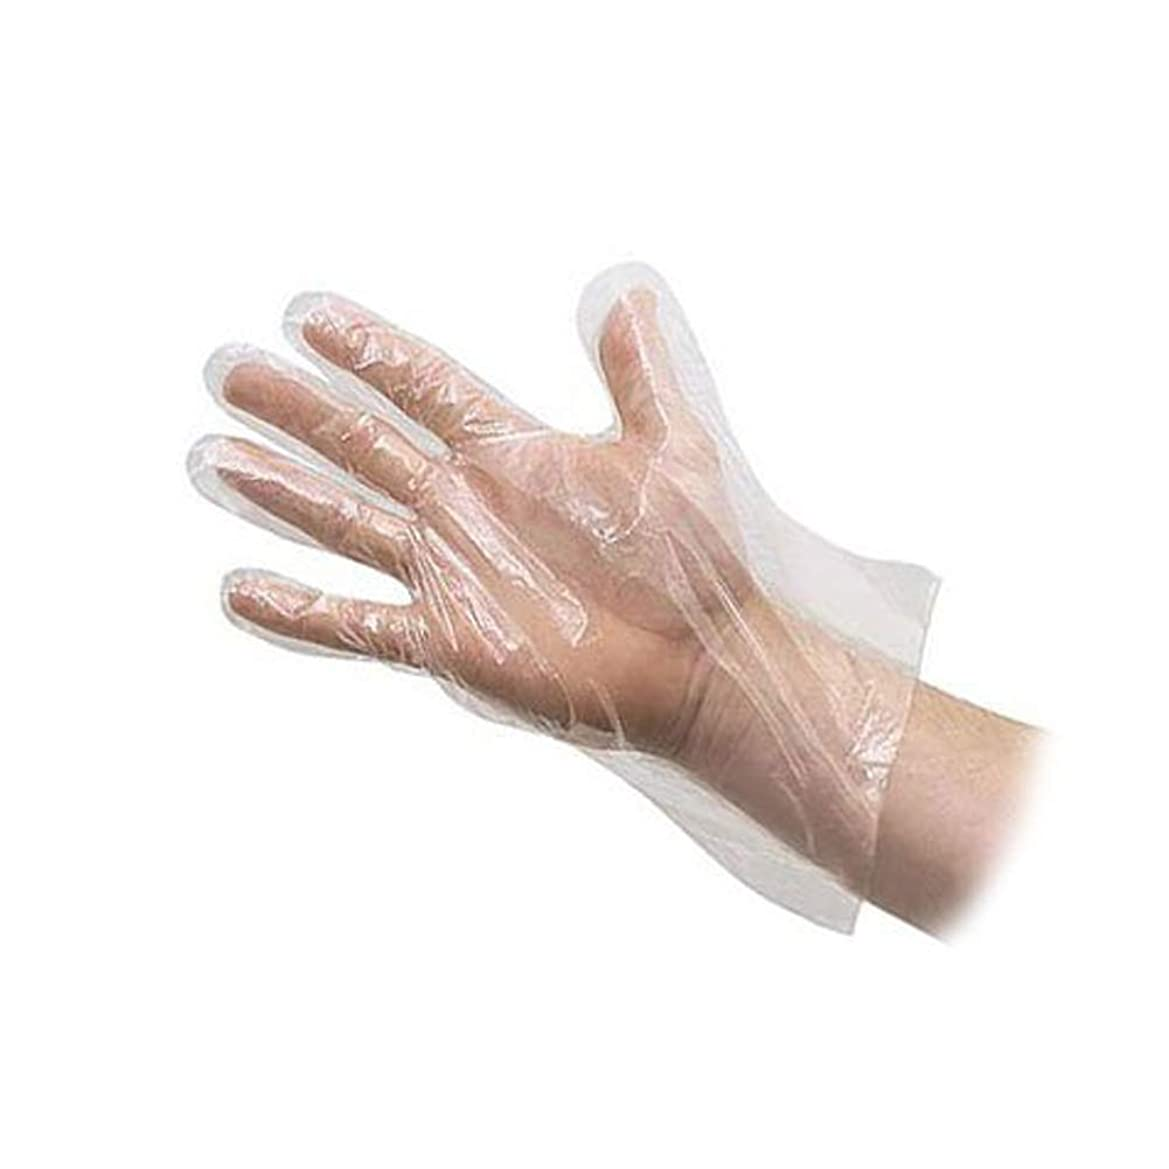 絶えず期待して代わりにを立てる(デマ―クト)De?markt ポリエチレン 手袋 使い捨て手袋 カタエンボス 調理用 食品 プラスチック ホワイト 粉なし 食品衛生 透明 左右兼用 薄型 ビニール極薄手袋 100枚入